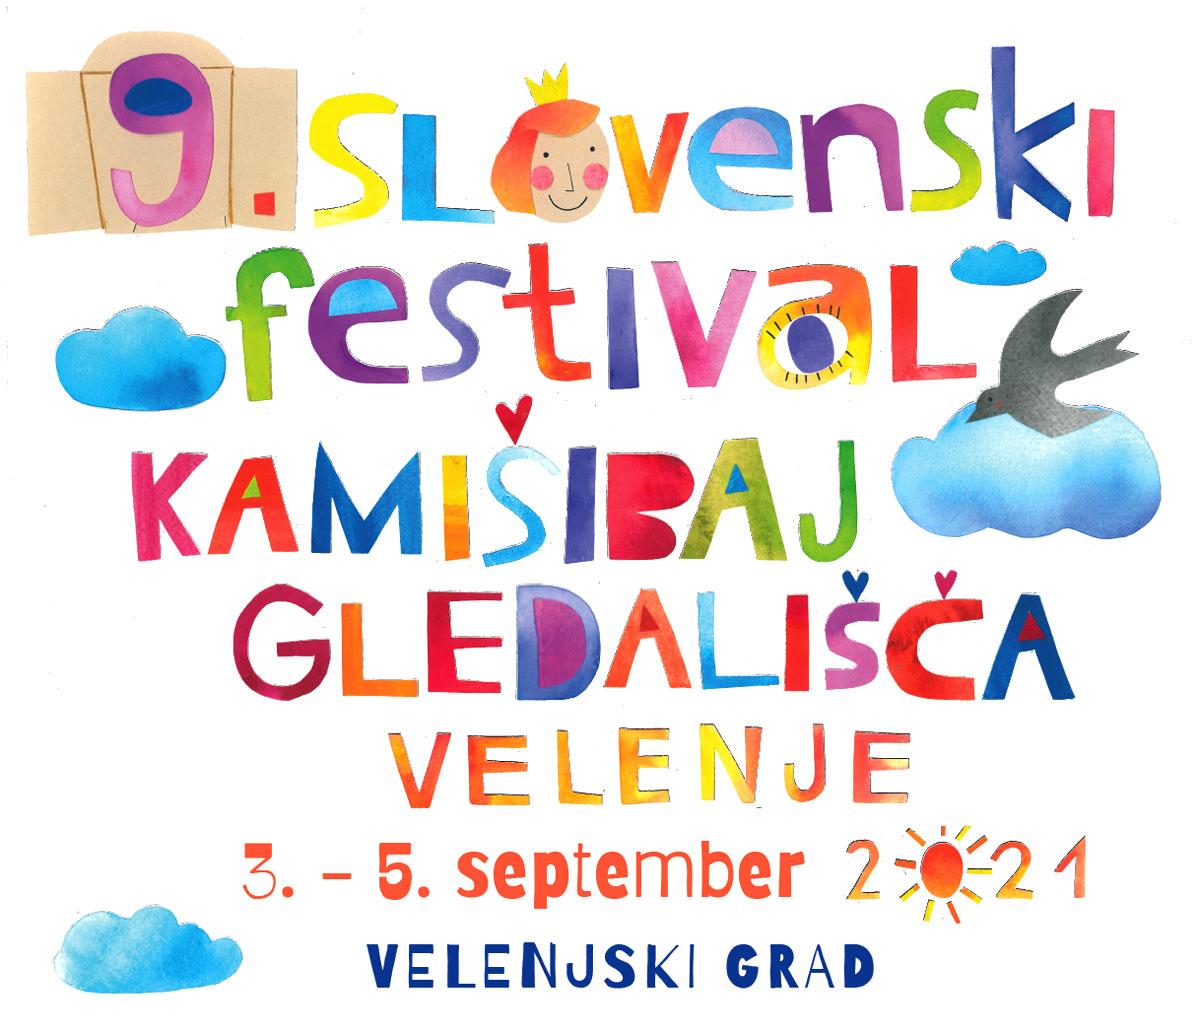 Fotografska razstava »Mladost ni norost« in 9. slovenski festival kamišibaj gledališča